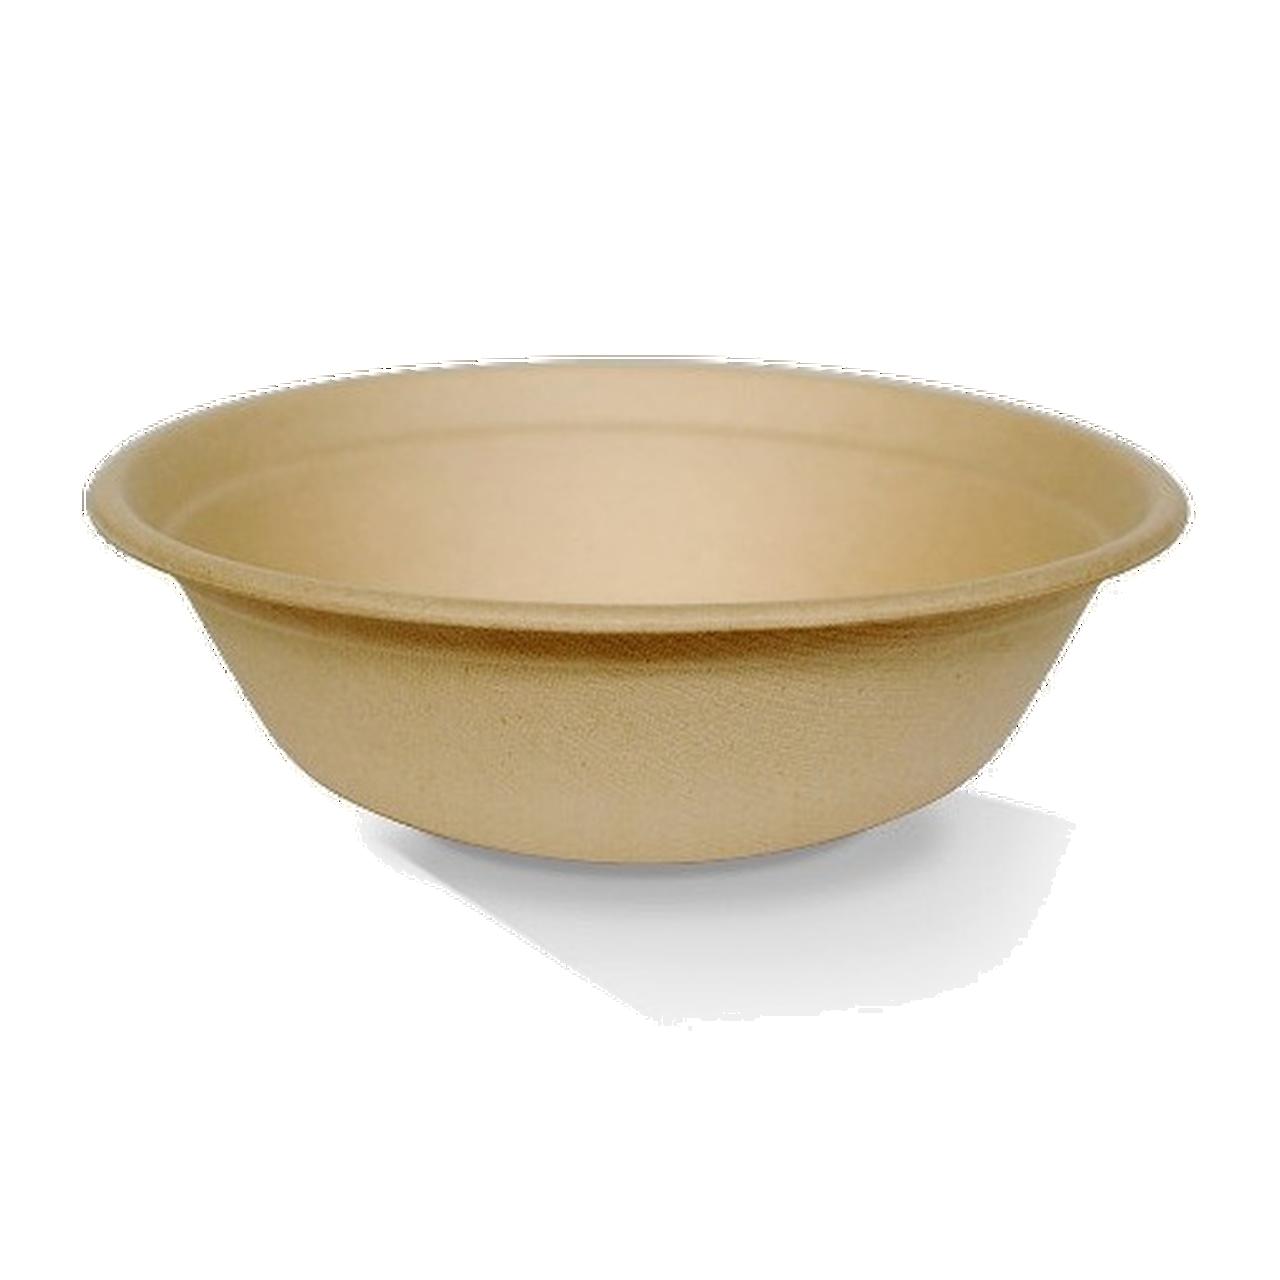 Bamboo Pulp Bowls